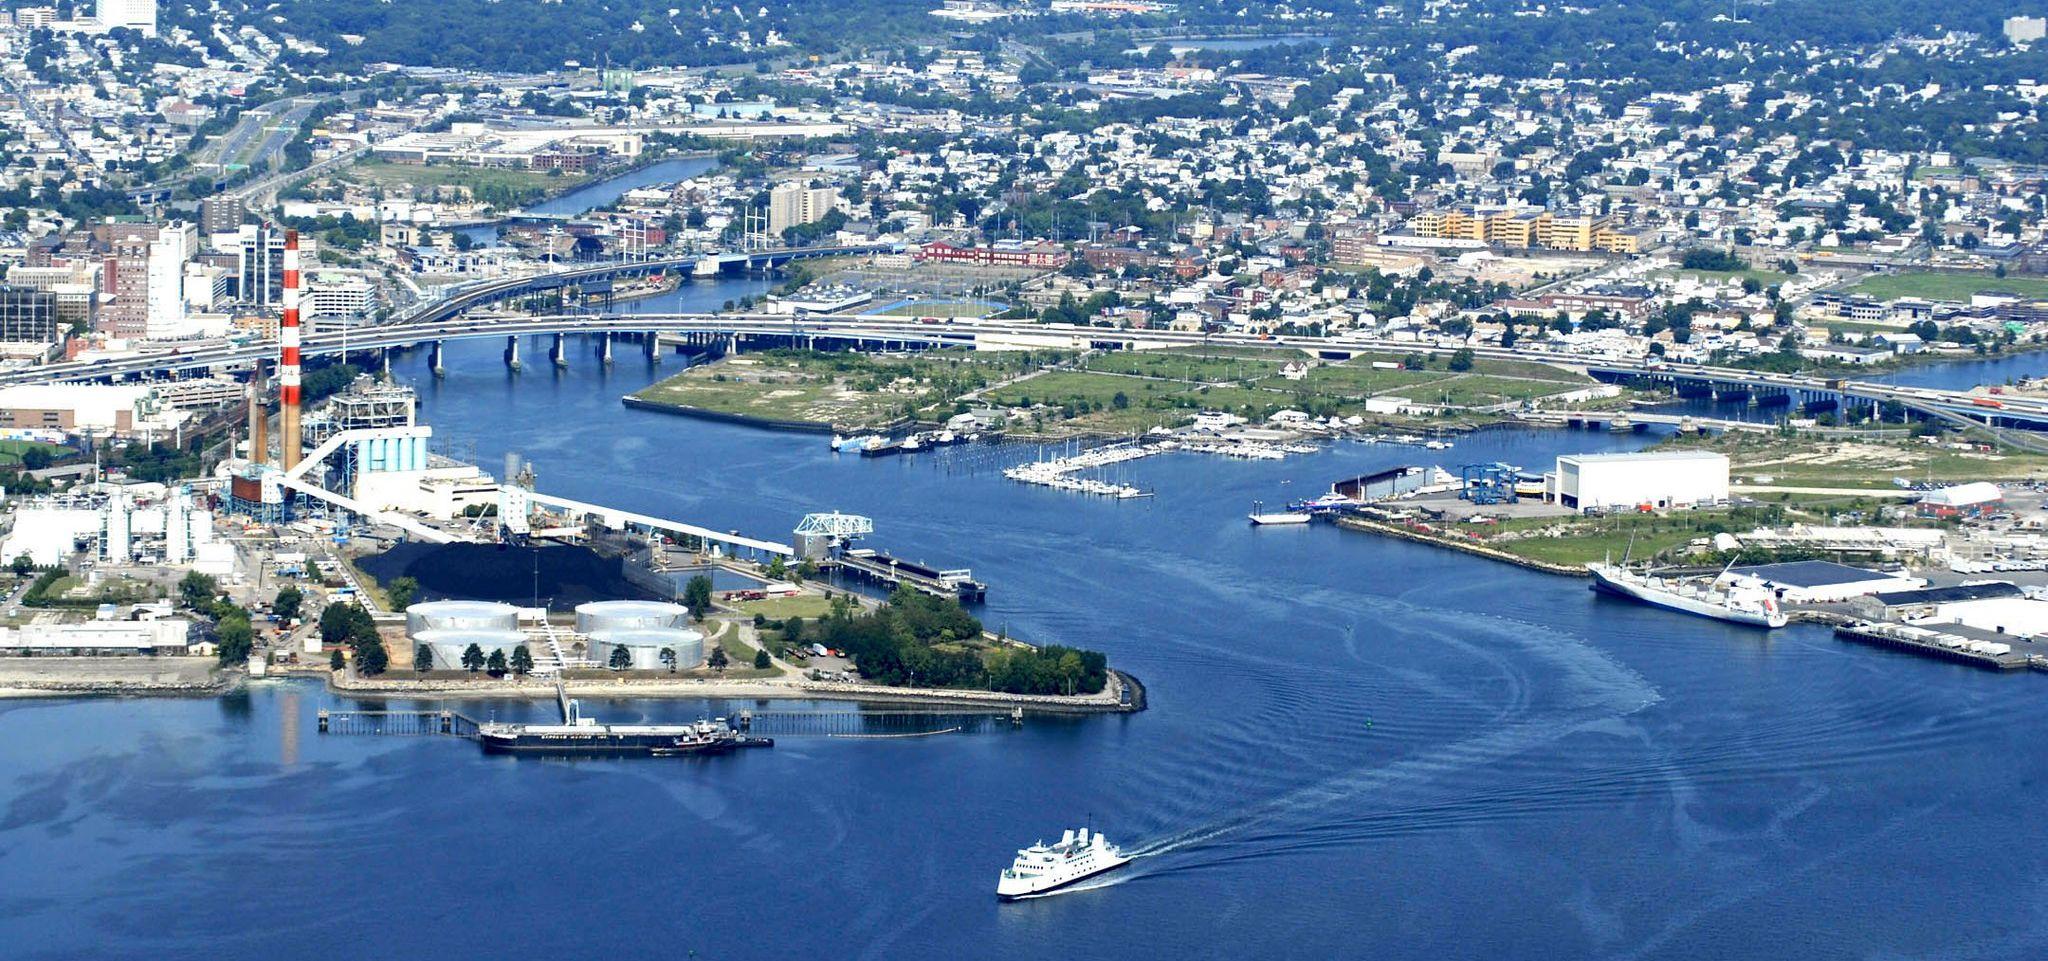 Bridgeport Investor Relations